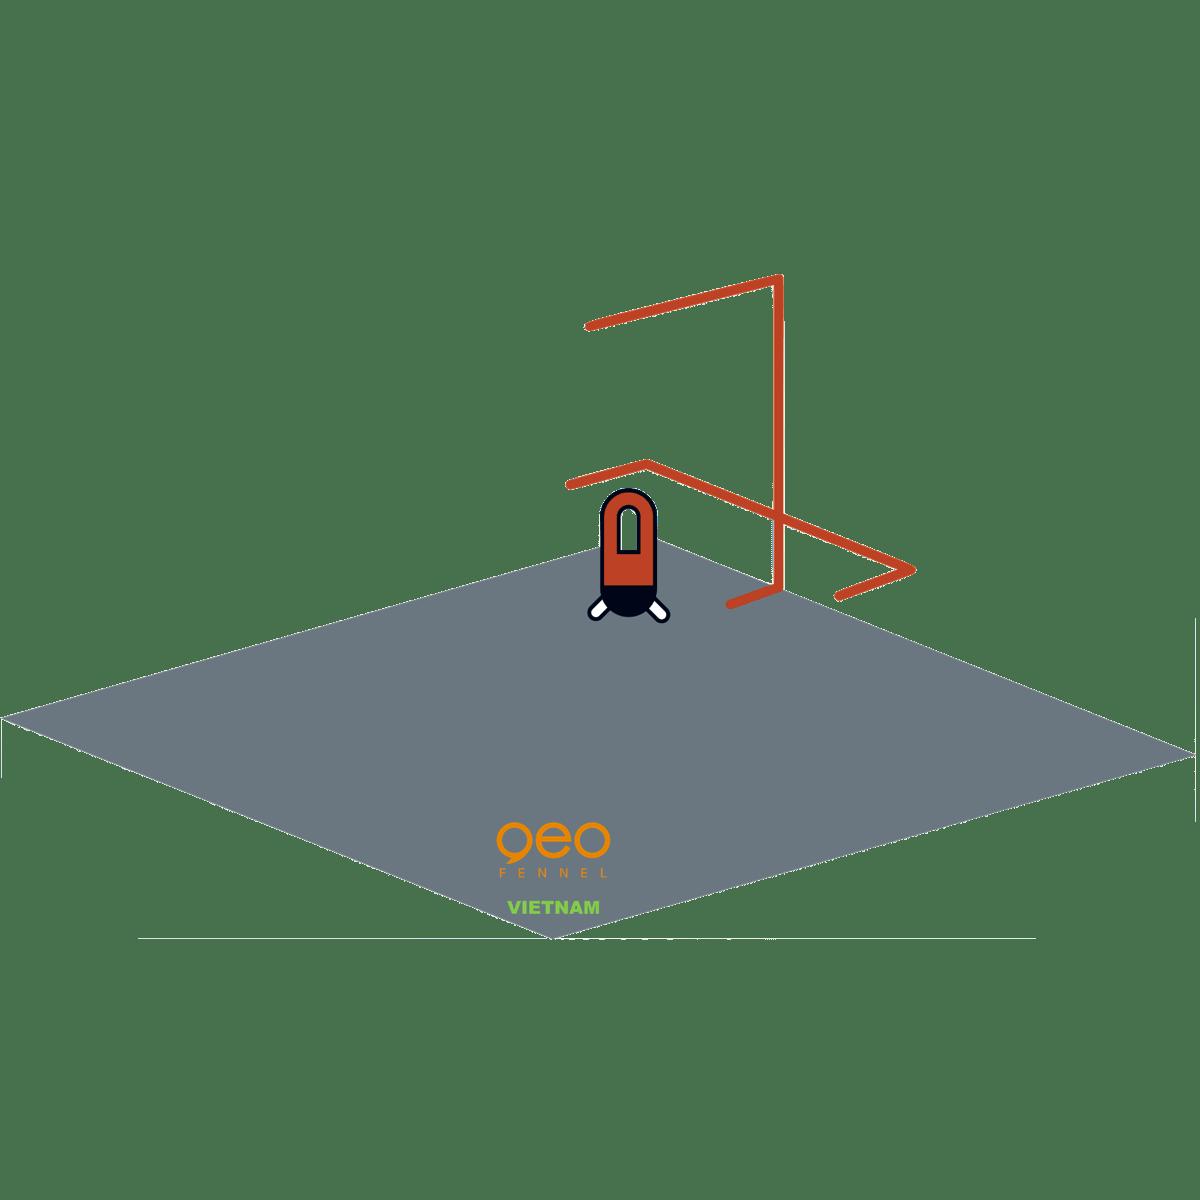 Máy bắn laser FL40-Pocket II HP | Hình chiếu